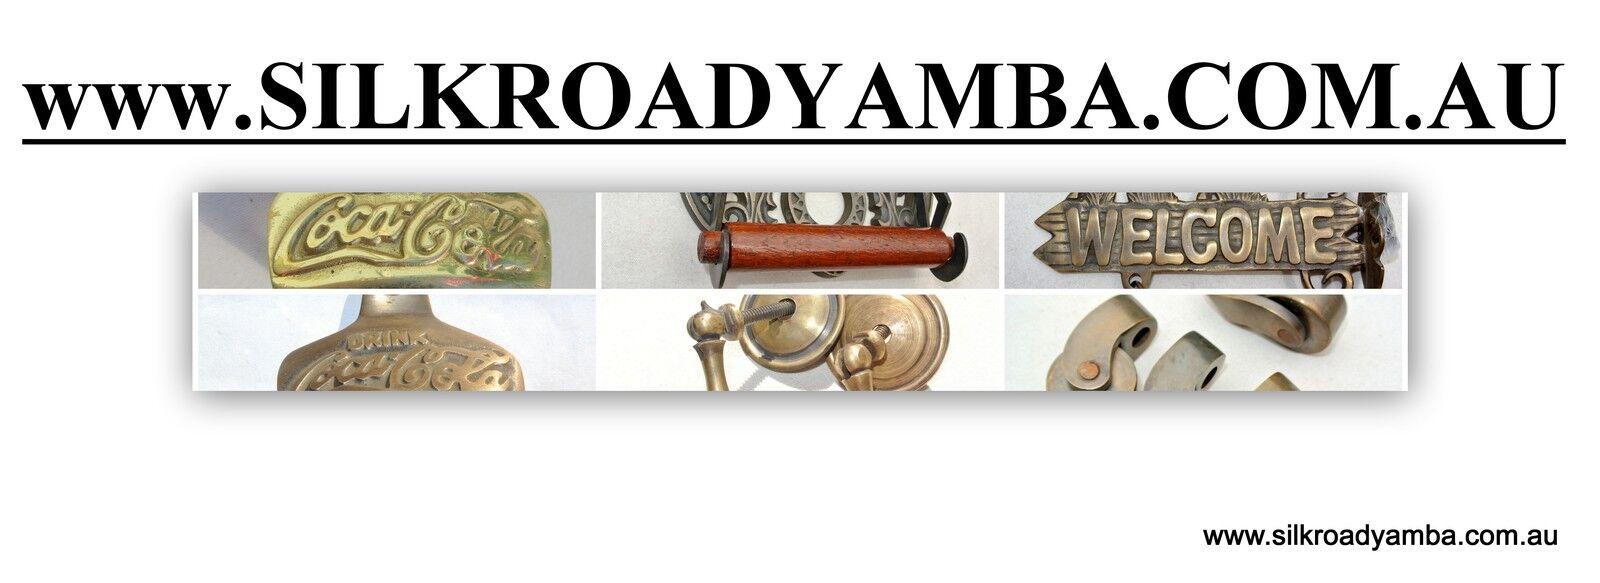 Silk Road Yamba